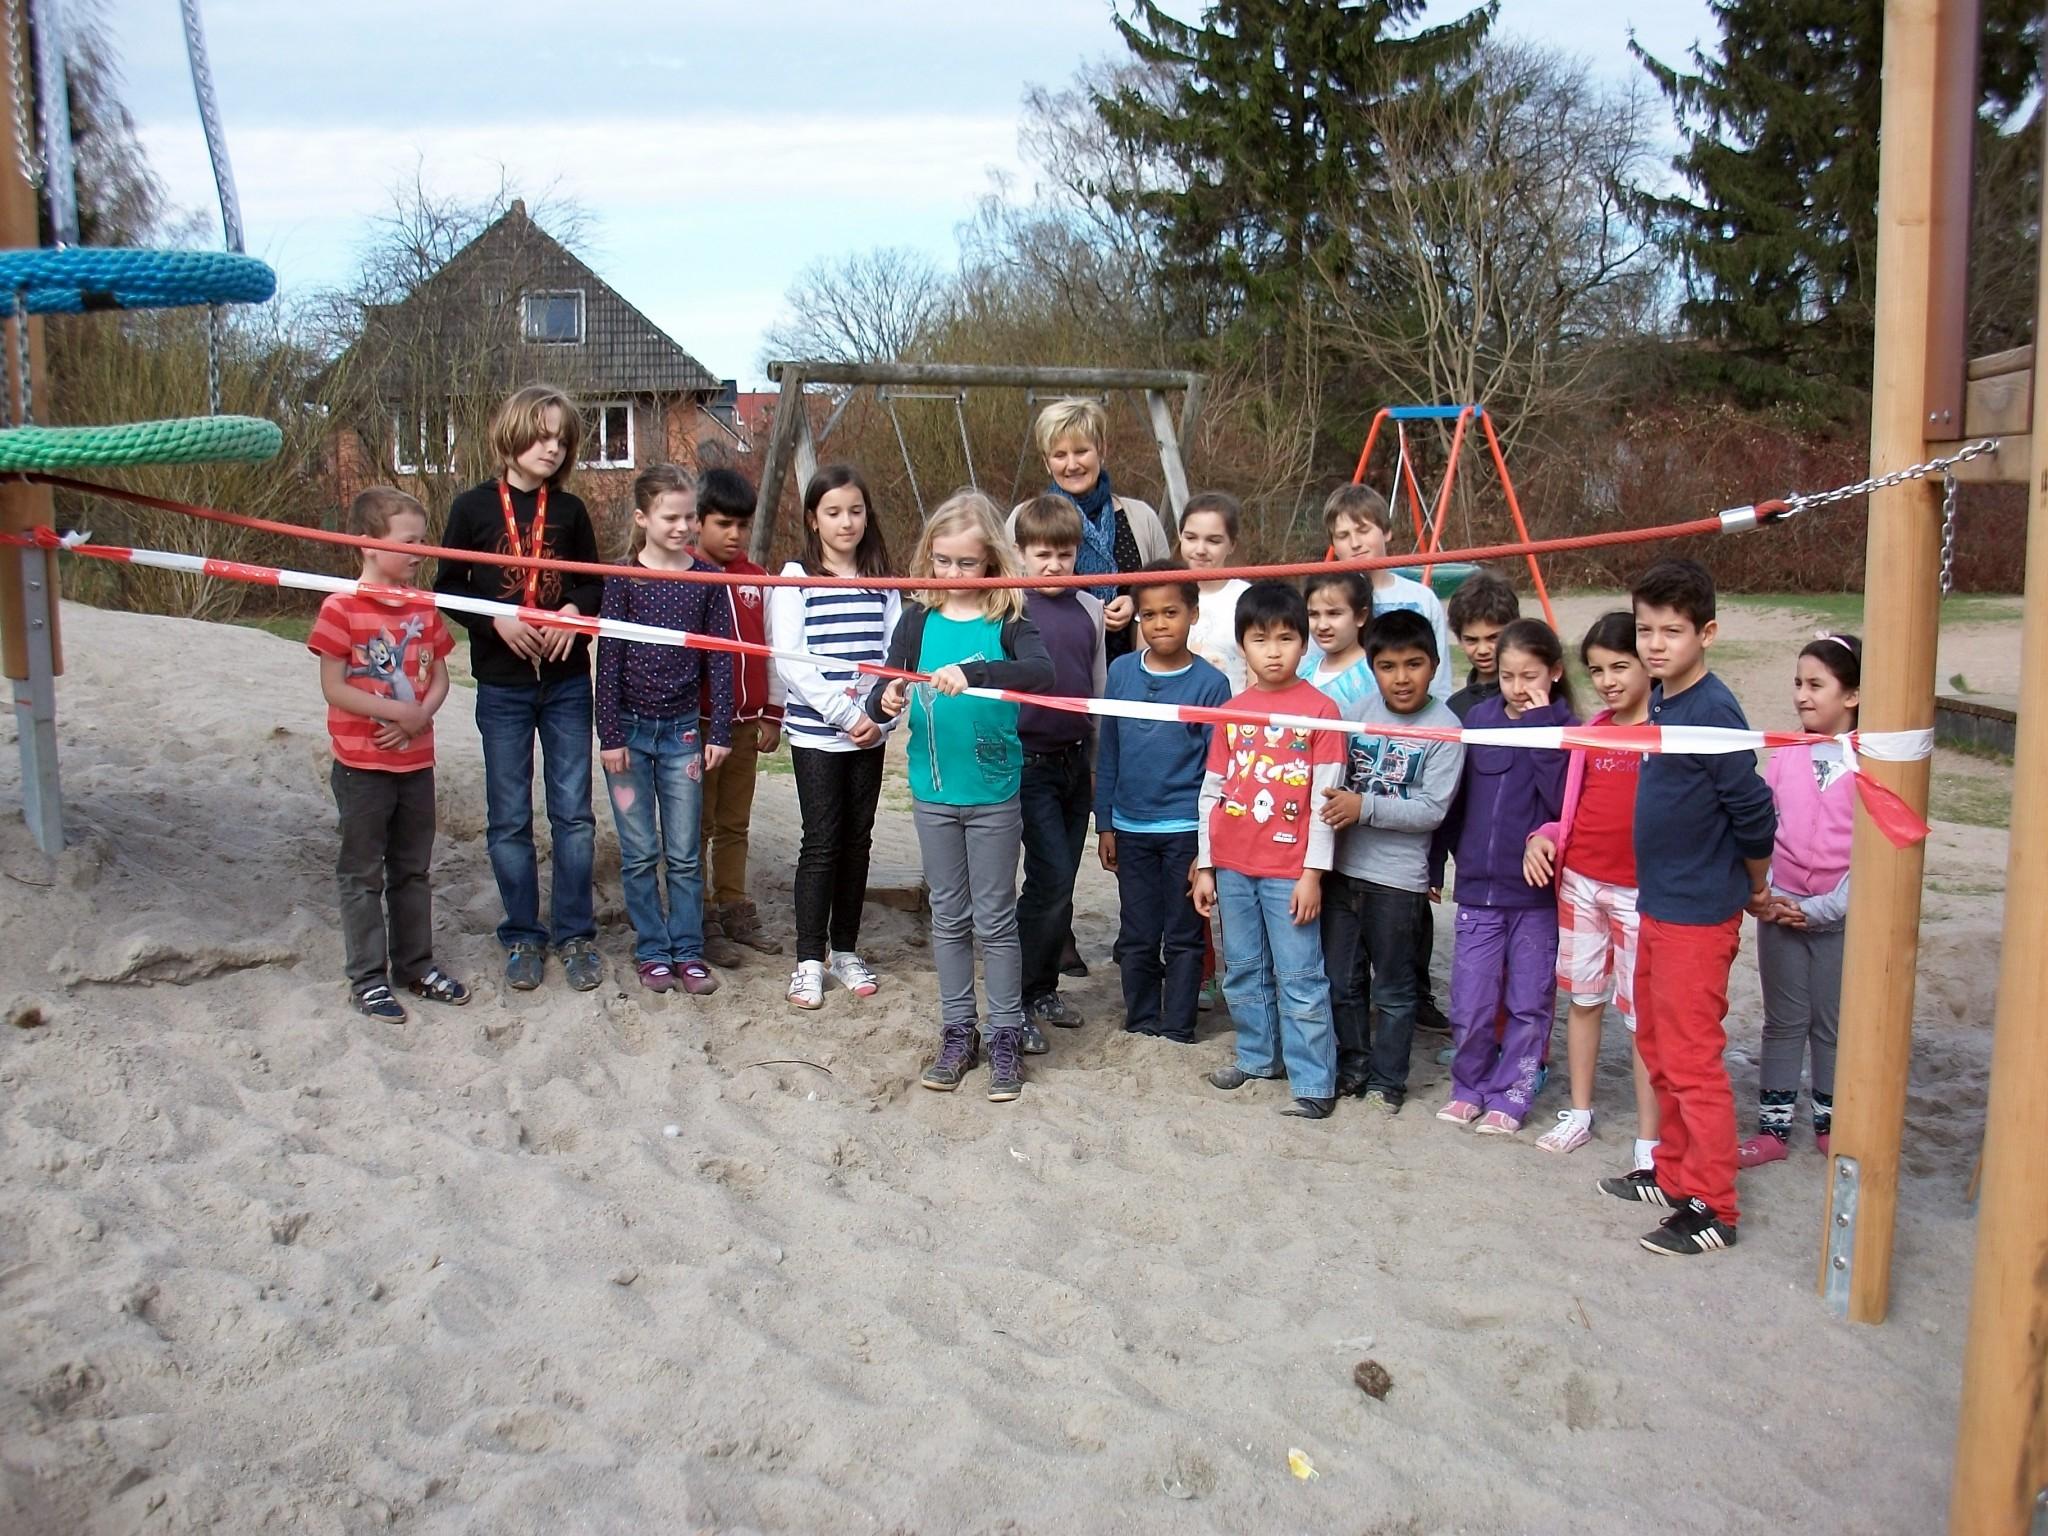 Klettergerüst Schulhof : Das klettergerüst auf dem schulhof grundschule heidhorst